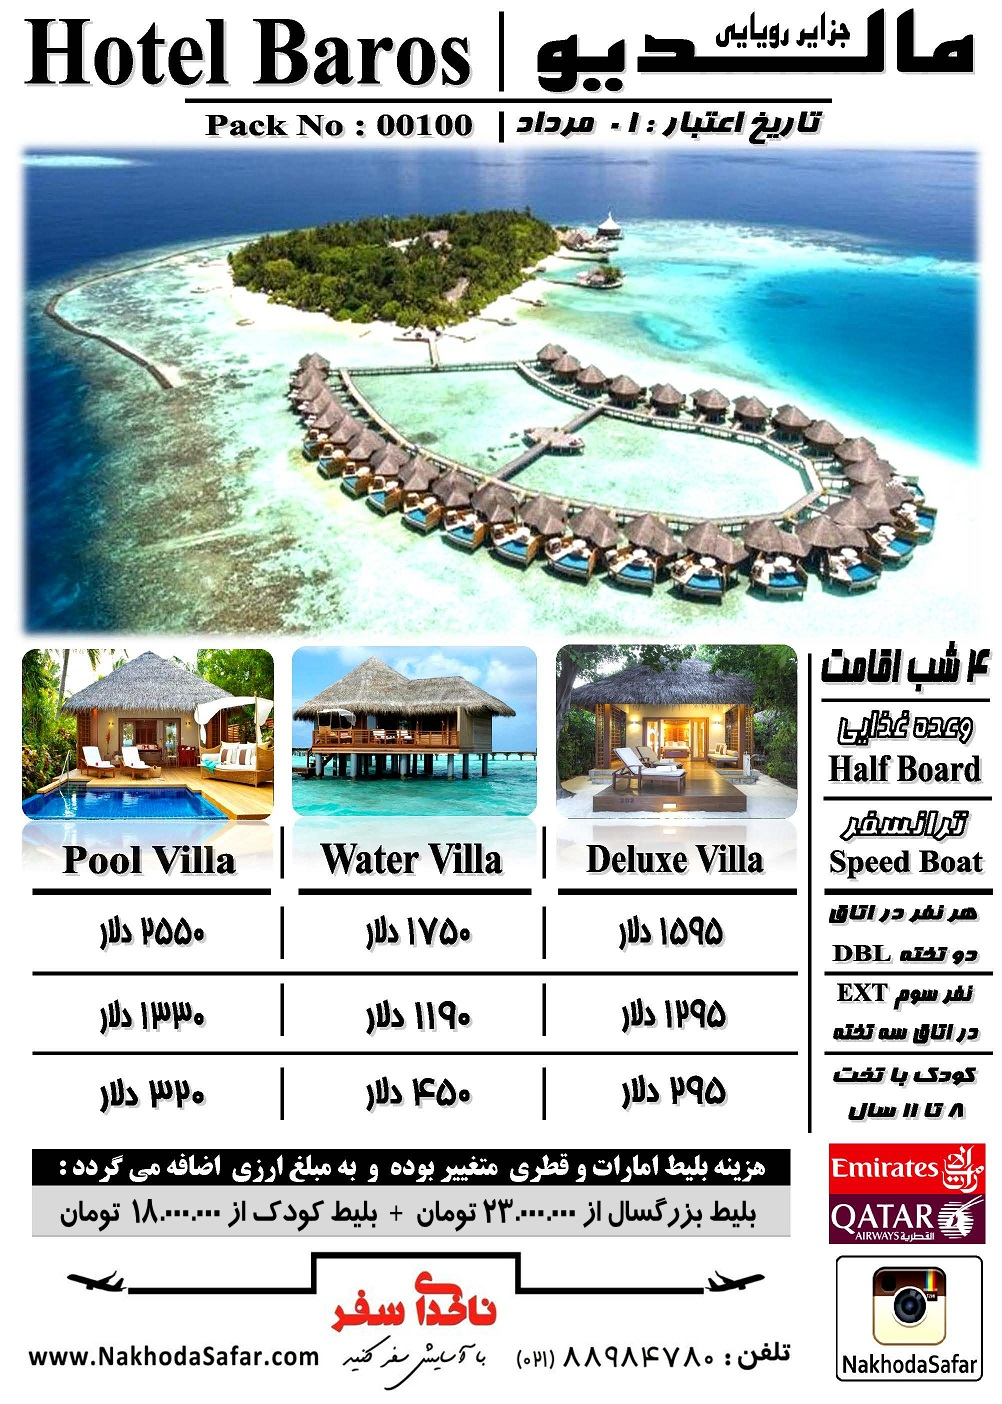 تور مالدیو آفر ویژه هتل باروس